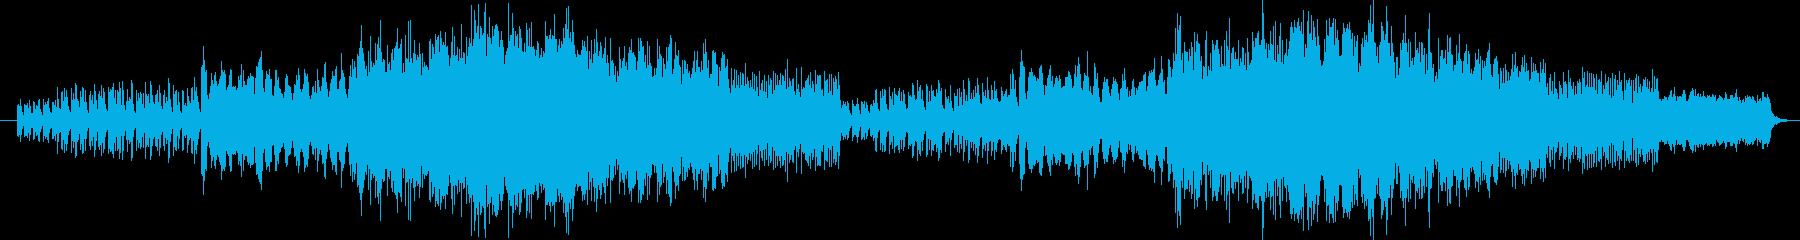 幻想的で癒されるメロディーの再生済みの波形